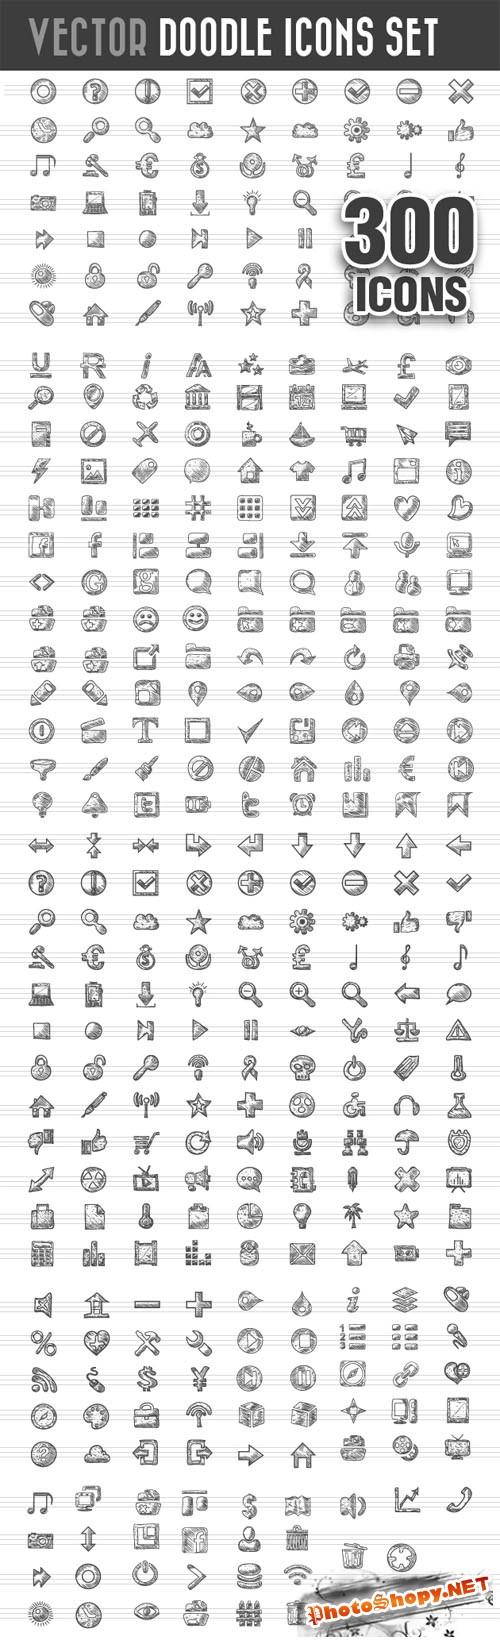 Designtnt - Doodle Icons Vector Set 1